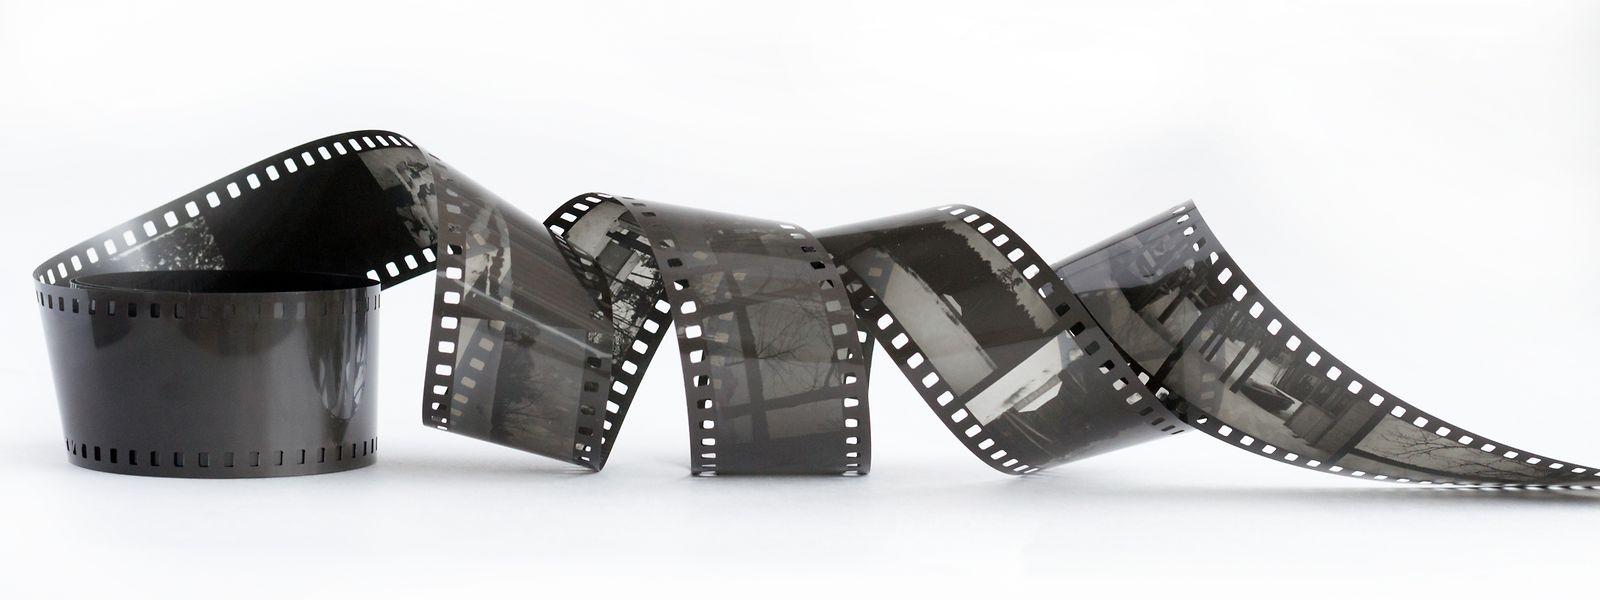 Die Trockenplatte machte das Fotografieren einfacher und war der Vorläufer heute noch üblicher Filme.